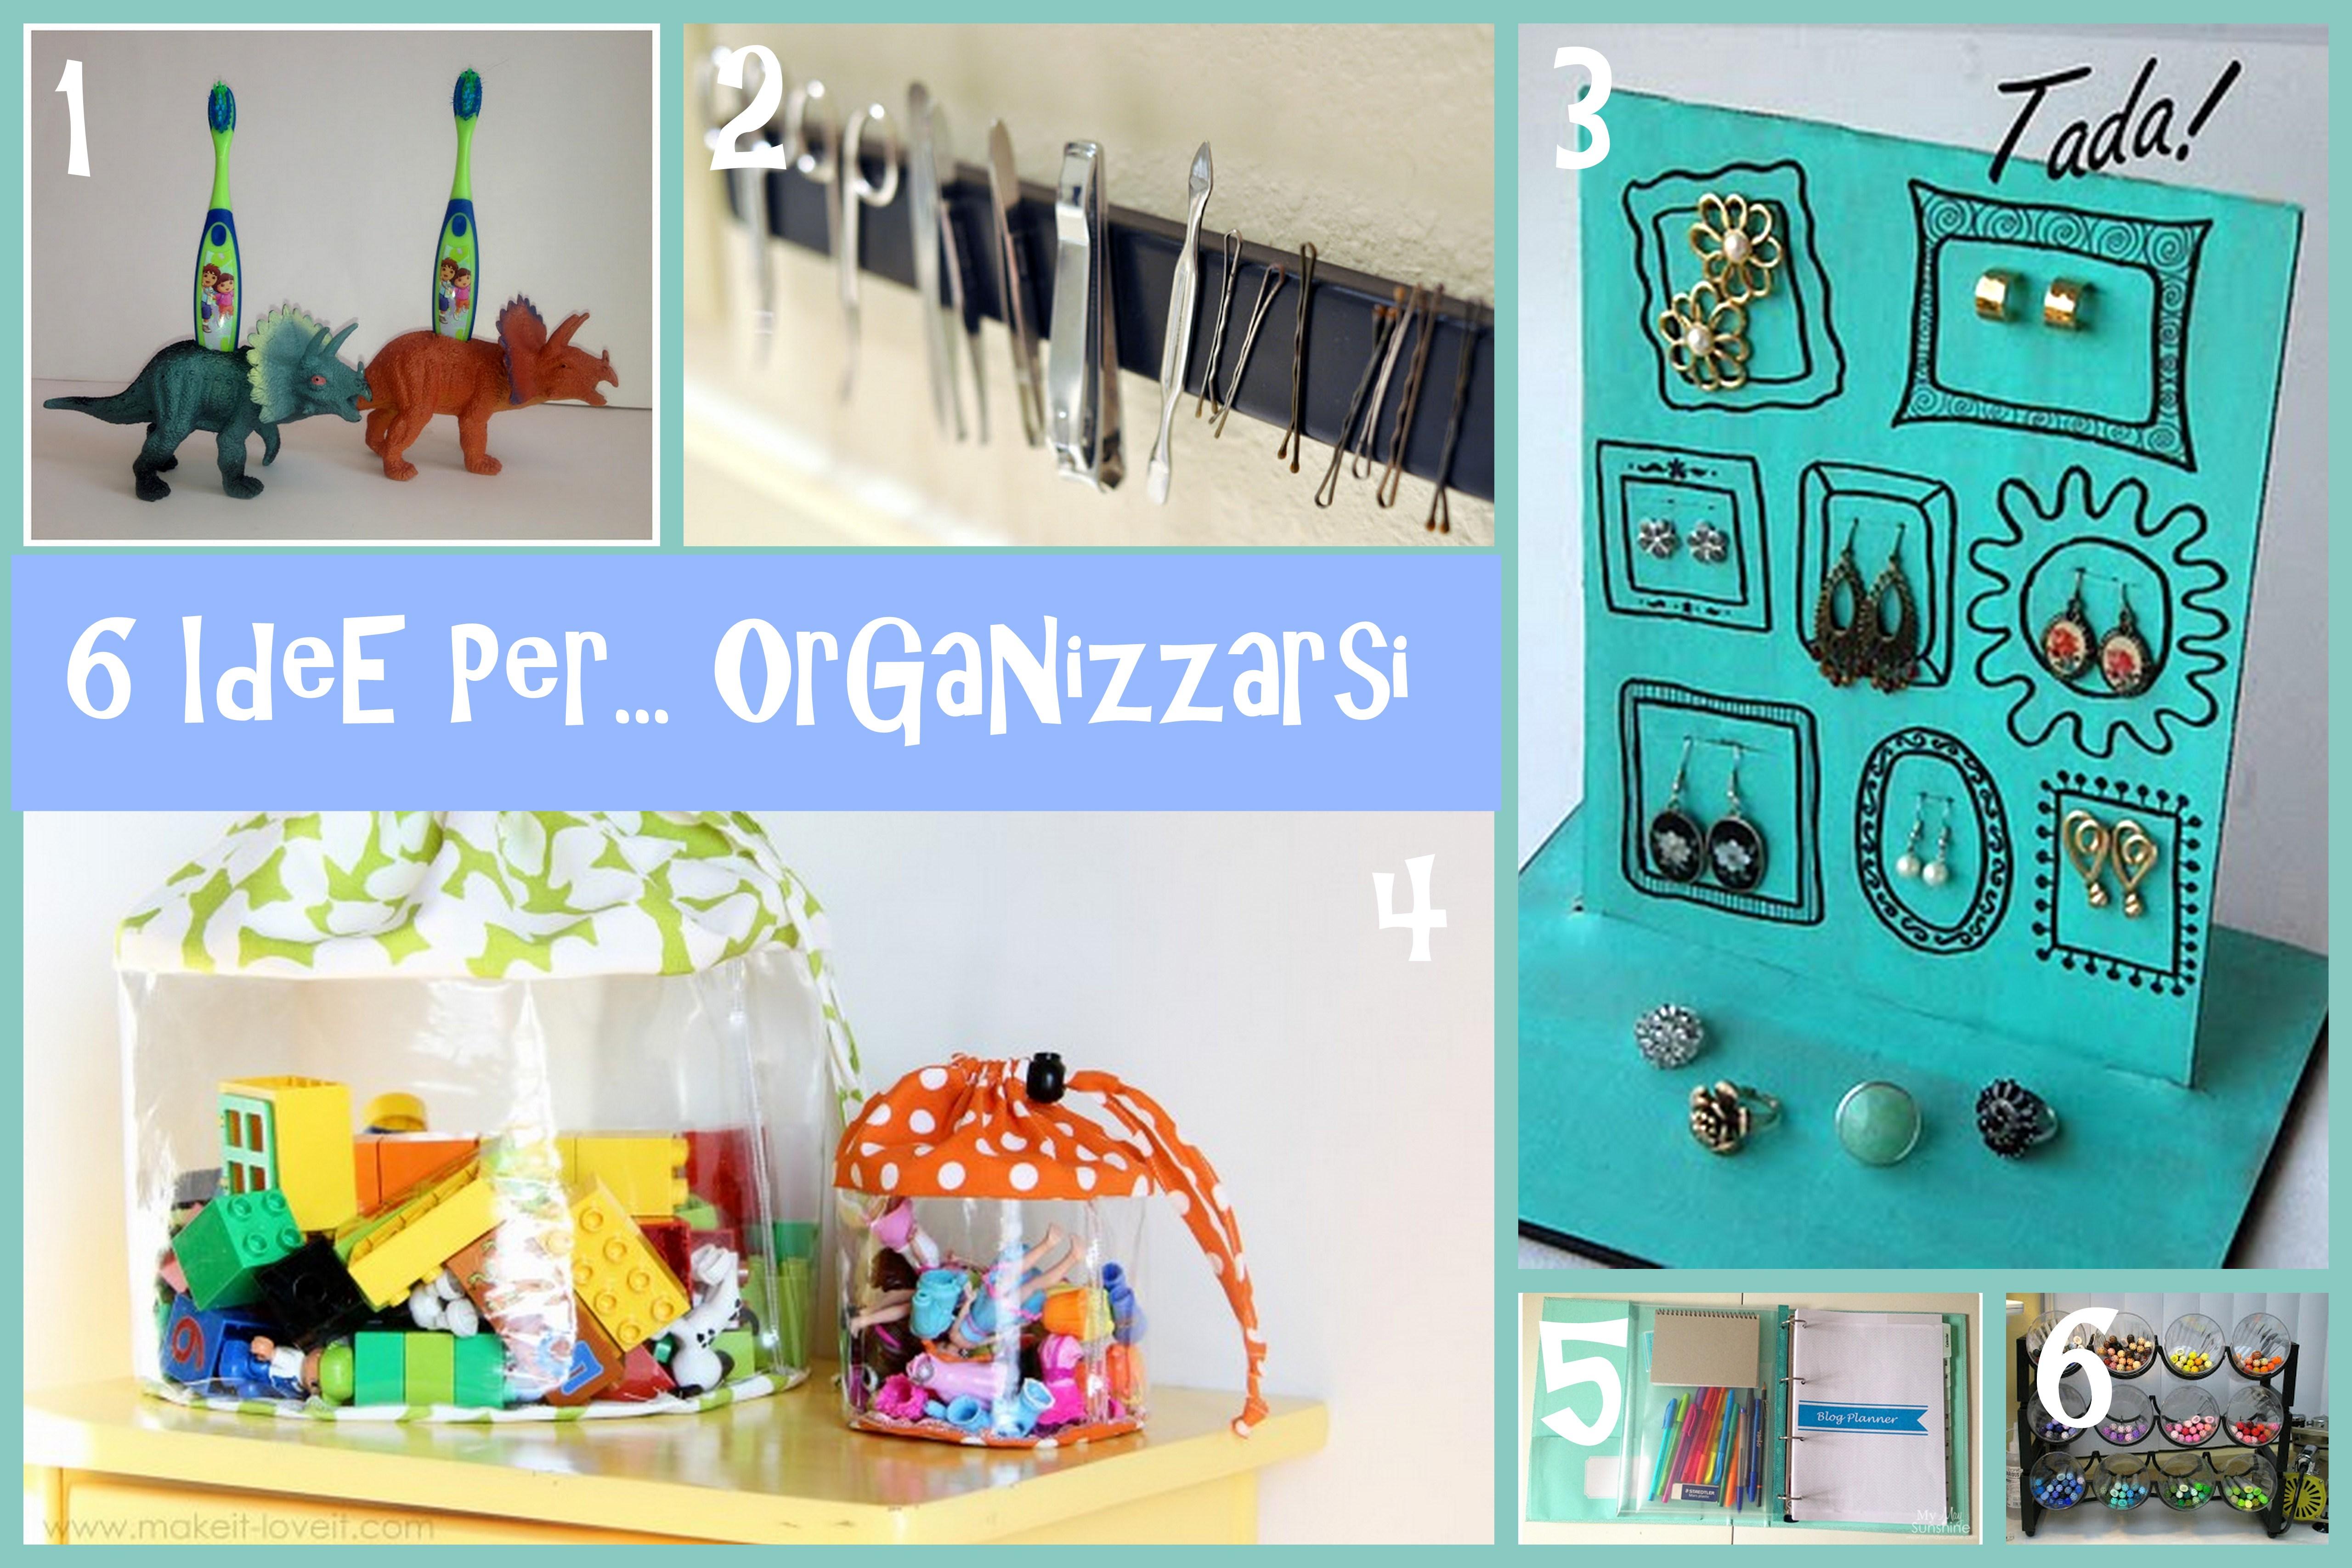 Idee per arredare un ufficio archiviato tagged - Organizzare la casa ...